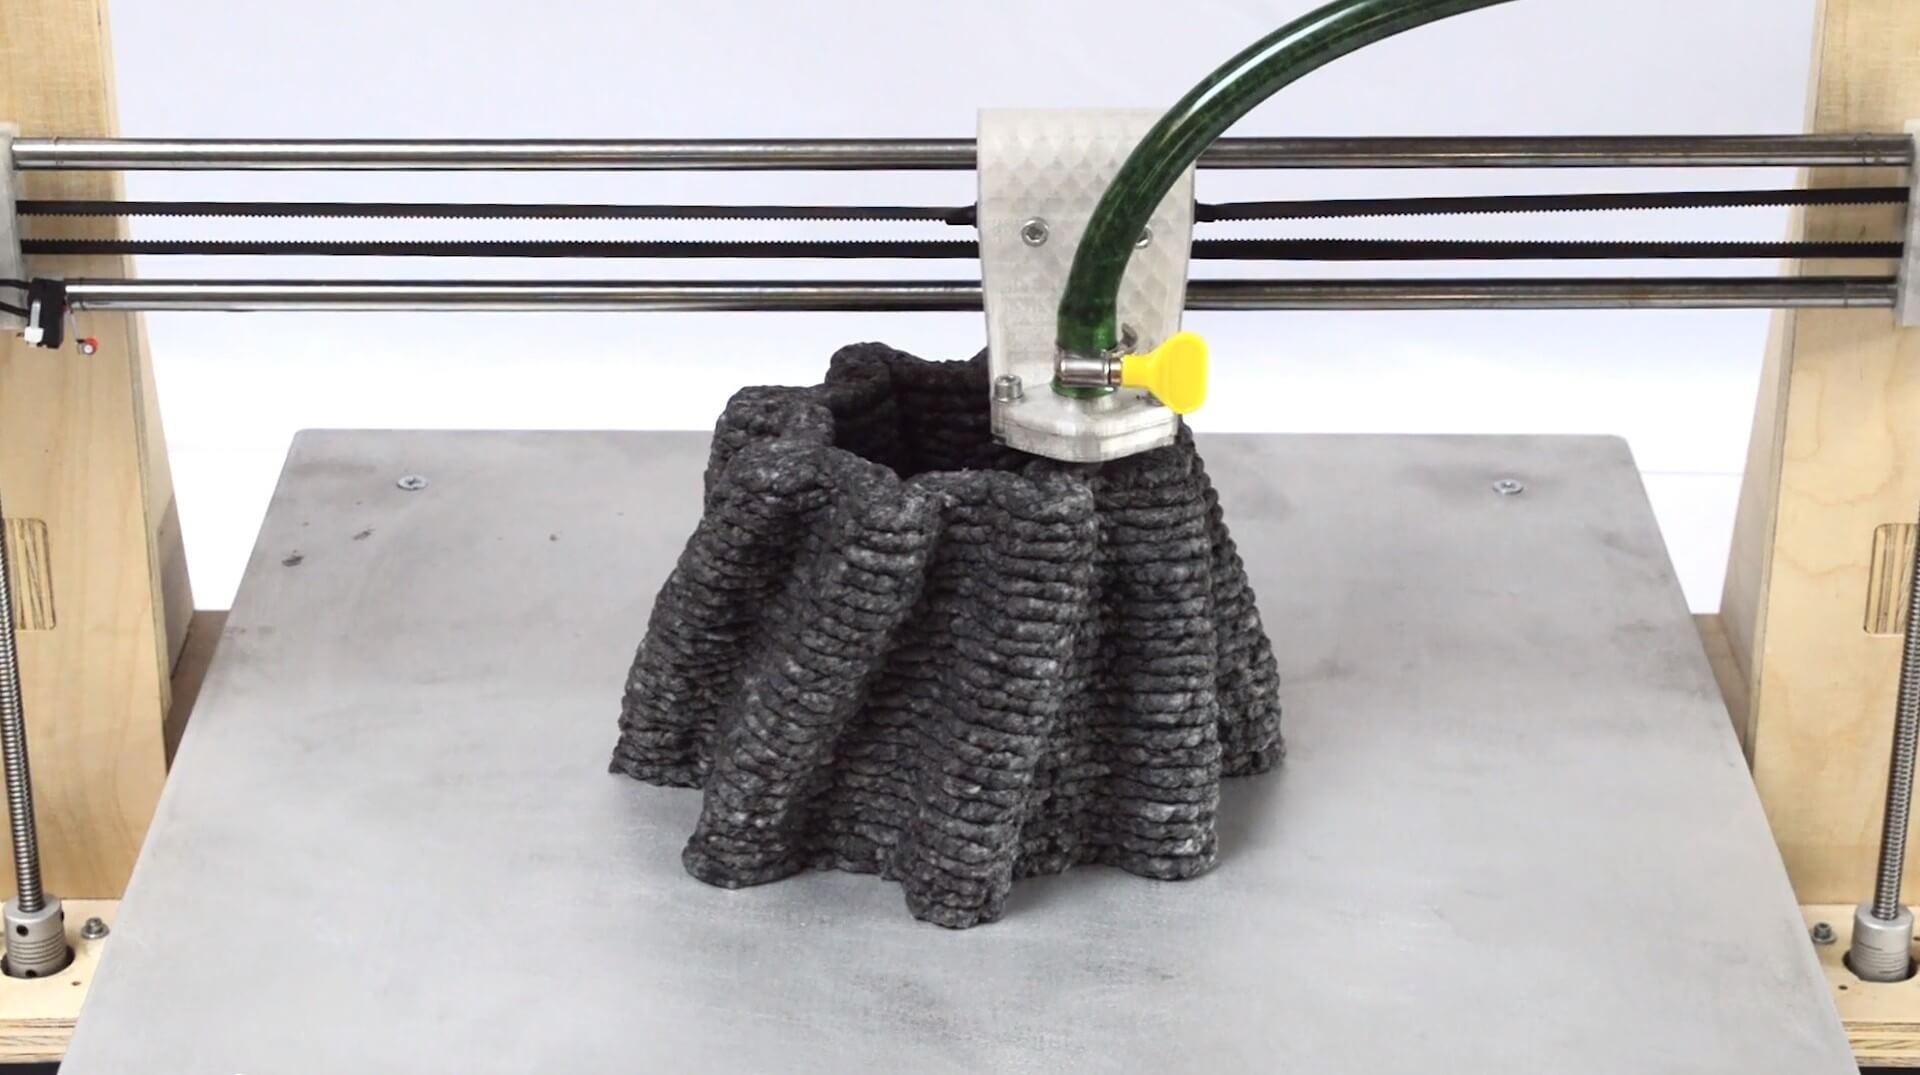 Zellstoff-3D-Drucker